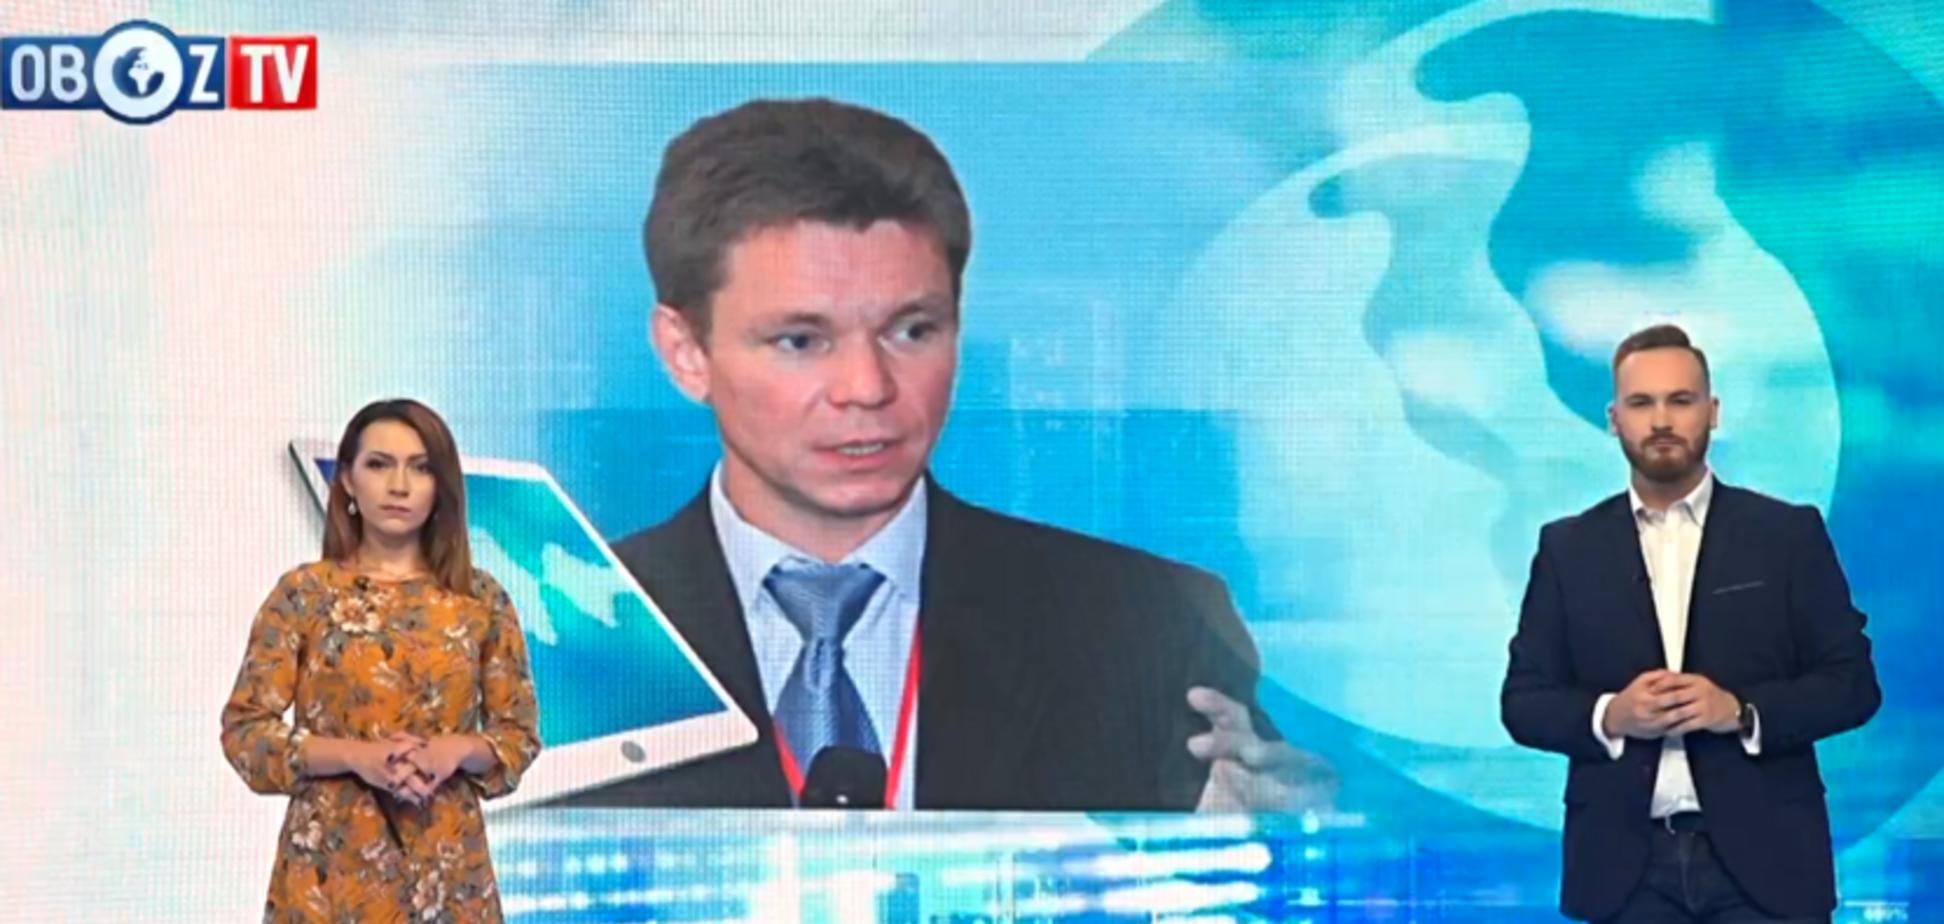 Рост контрабандного потока в Украину увеличится: эксперт дал оценку изменениям на таможне